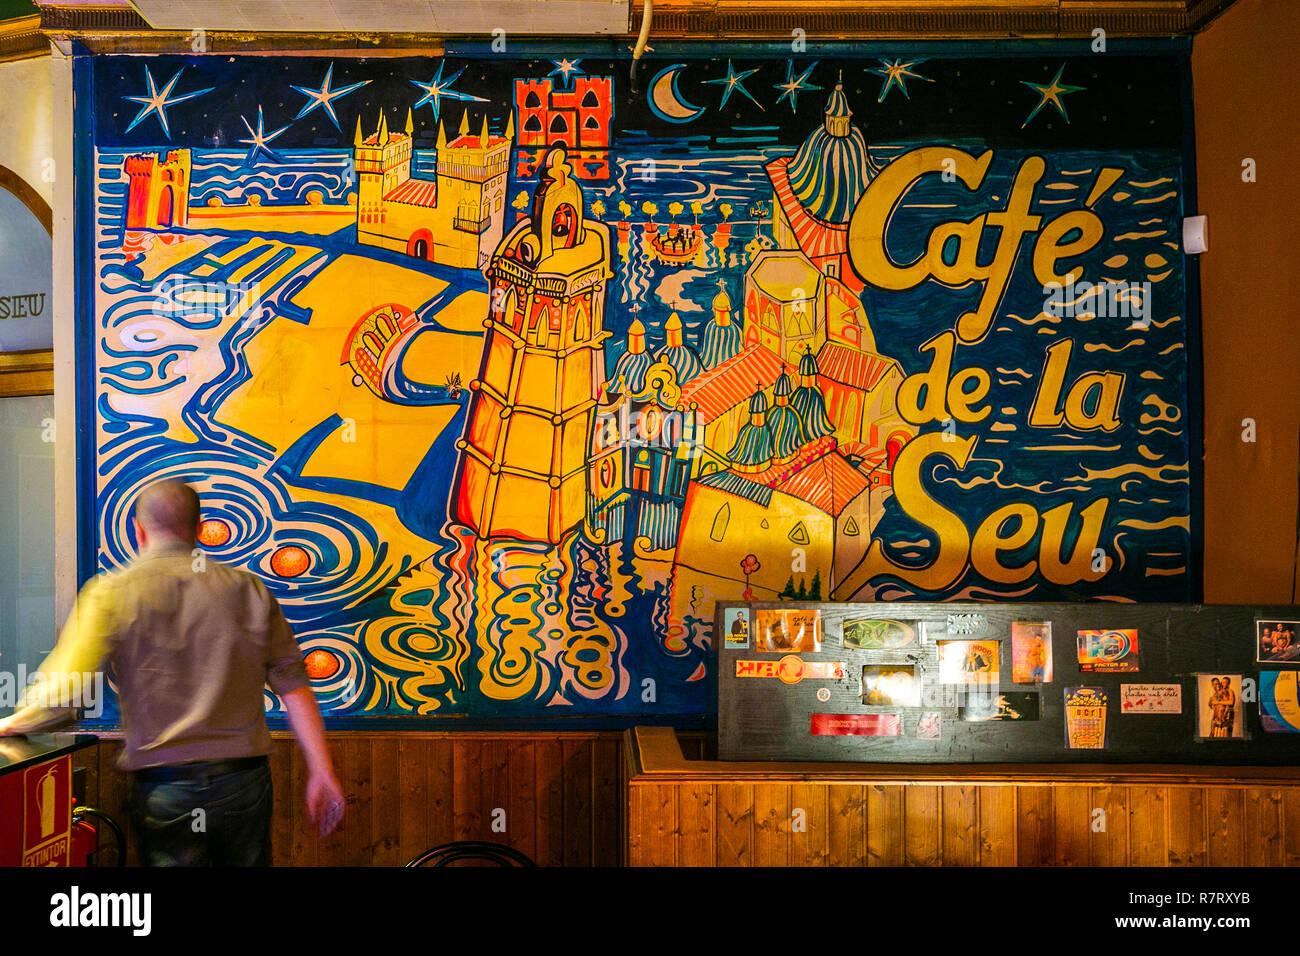 Cafe de la SEu. Old Town.  Valencia. Comunidad Valenciana. Spain - Stock Image